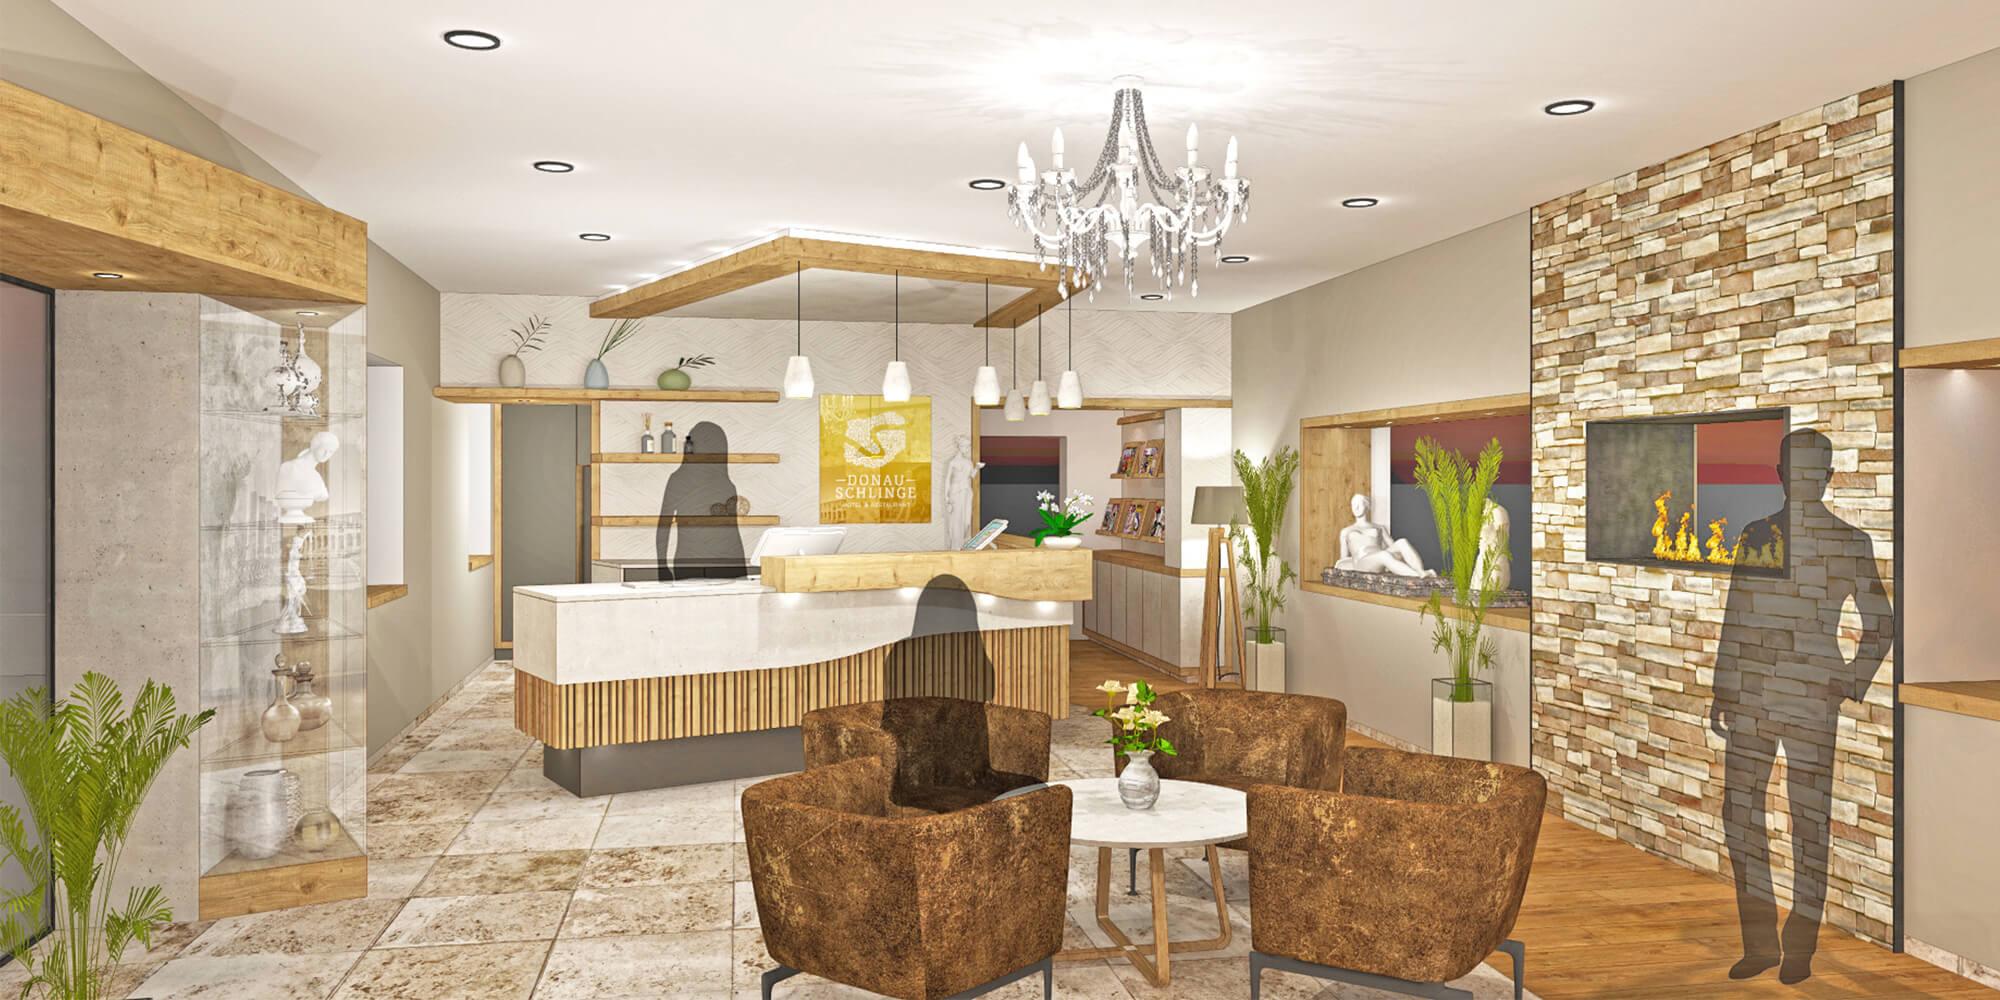 Crea-Plan-Design-Rauch-Frühmann-Architektur-Innenarchitektur-Design-Projekt-Referenz-Hotelerie-Gastronomie-Hotel-Donauschlinge-Rezeption-Visualisierug-1